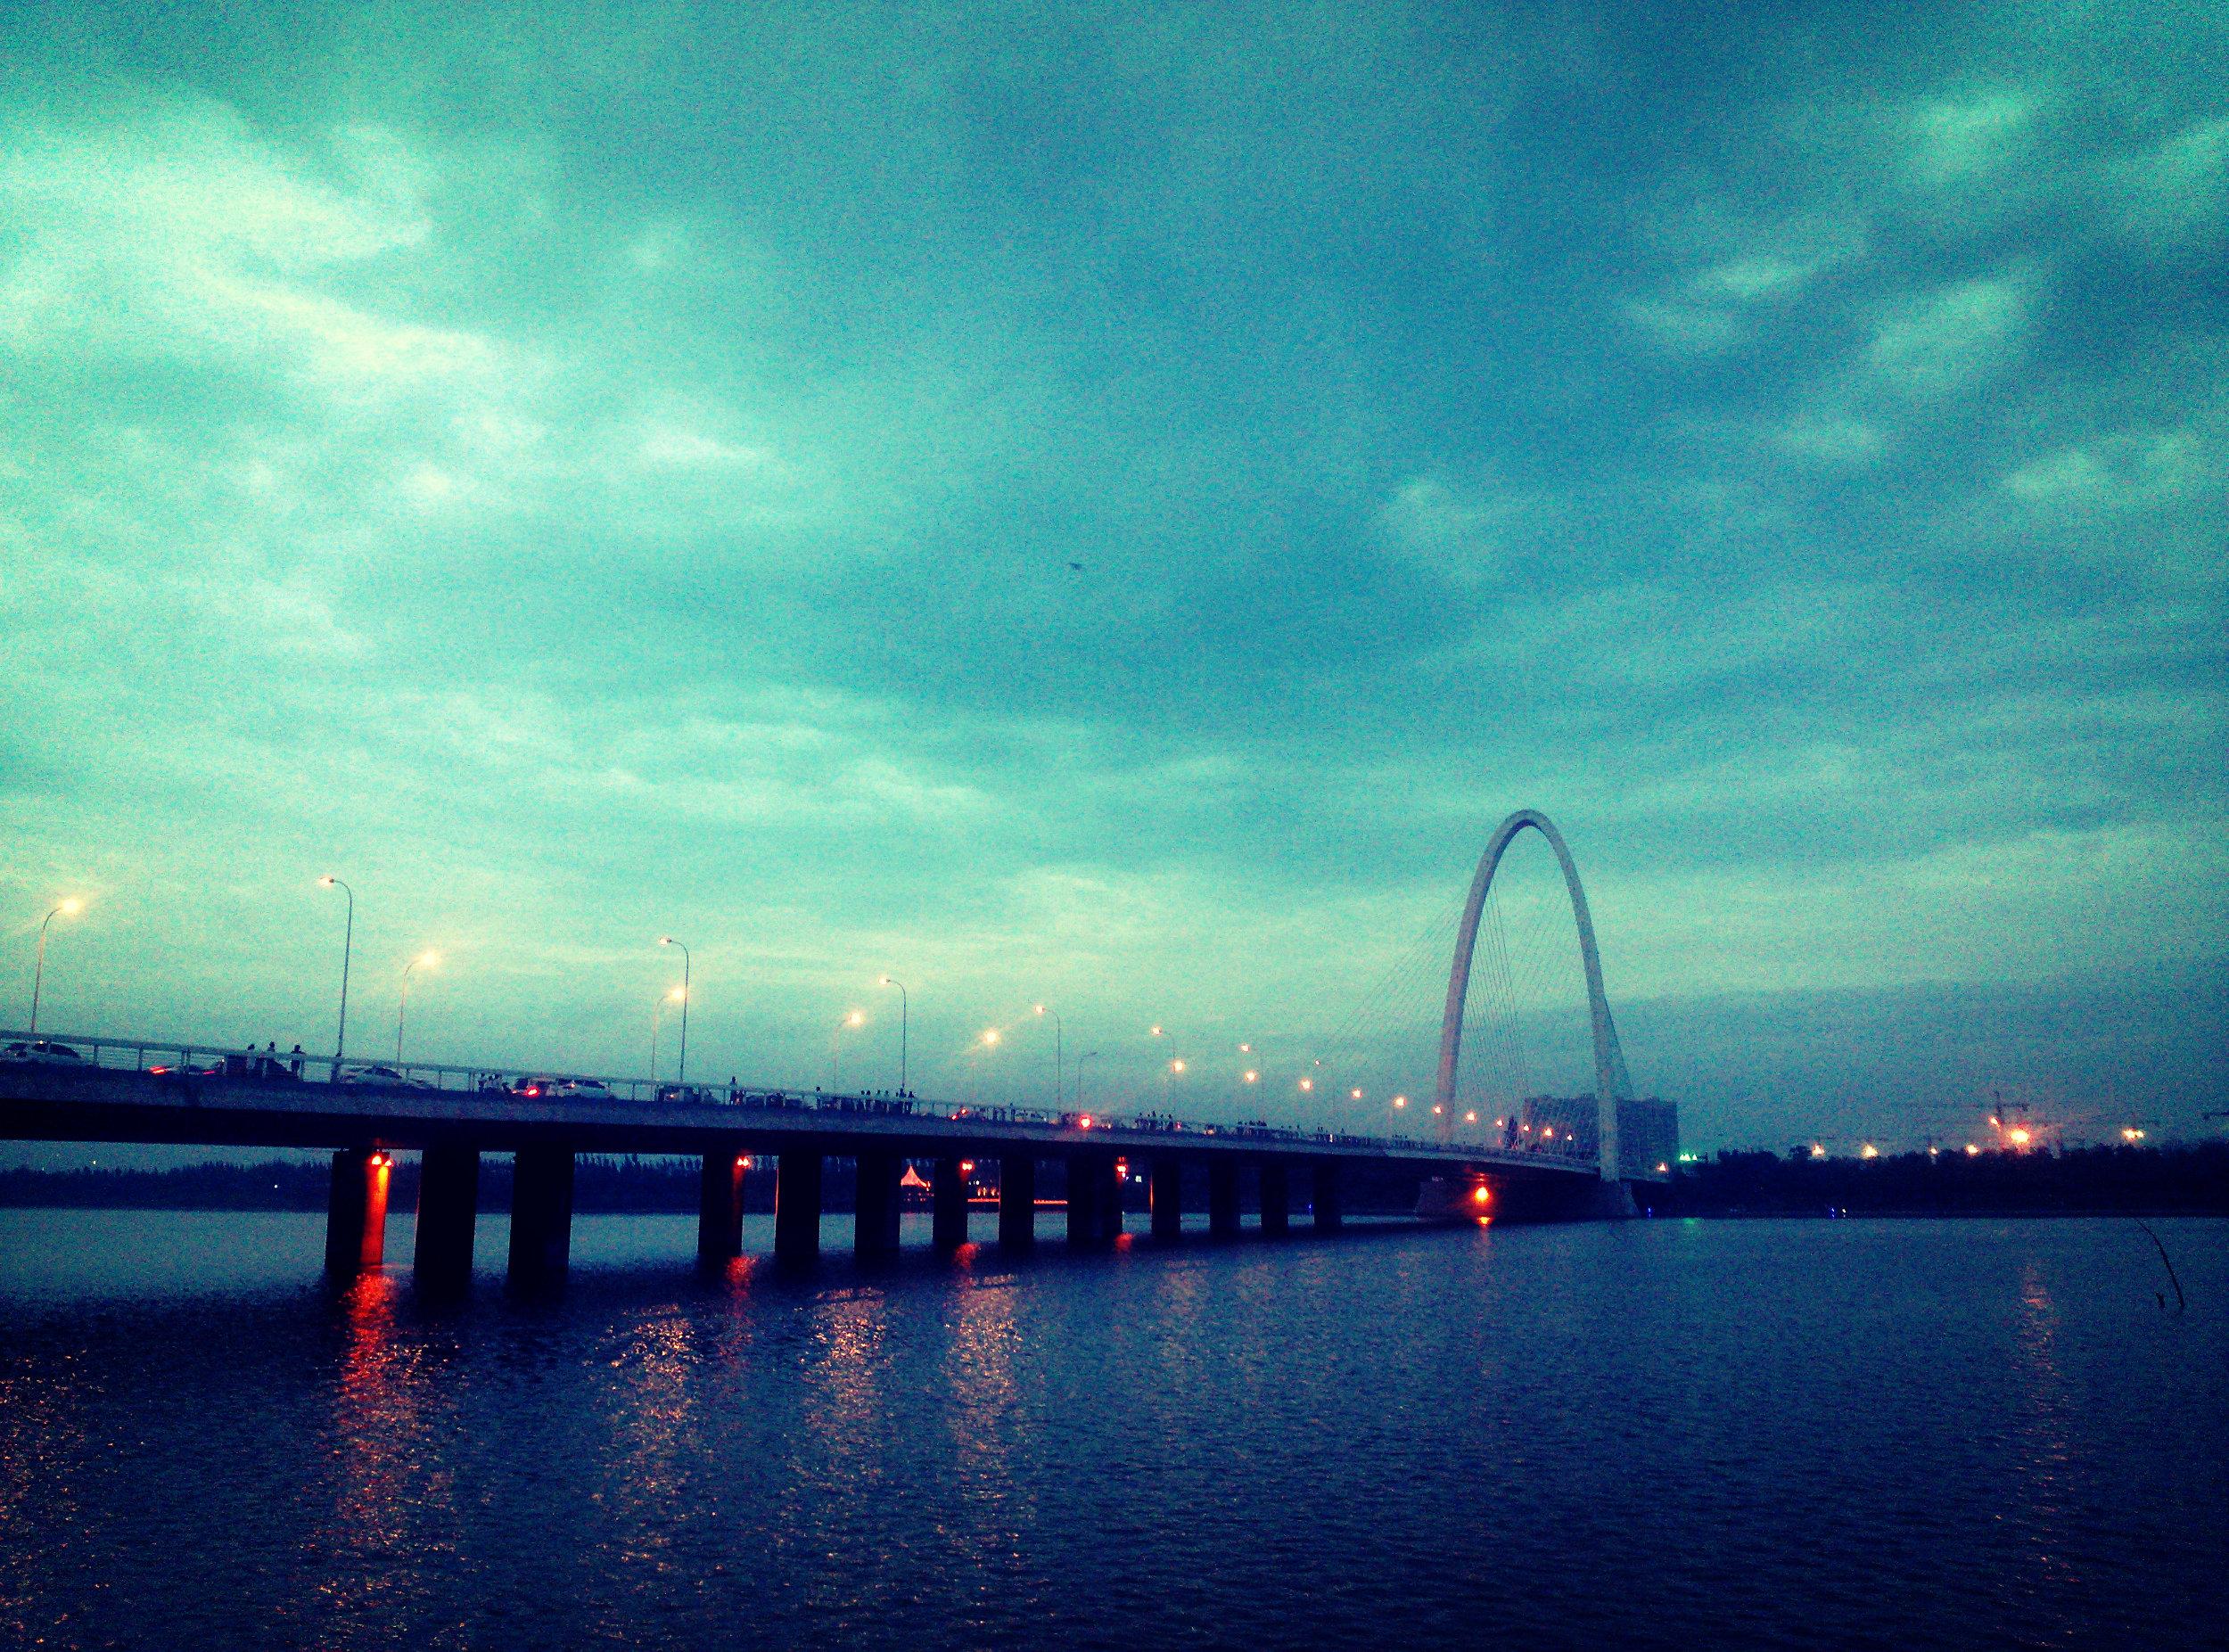 浐灞大桥气势雄伟